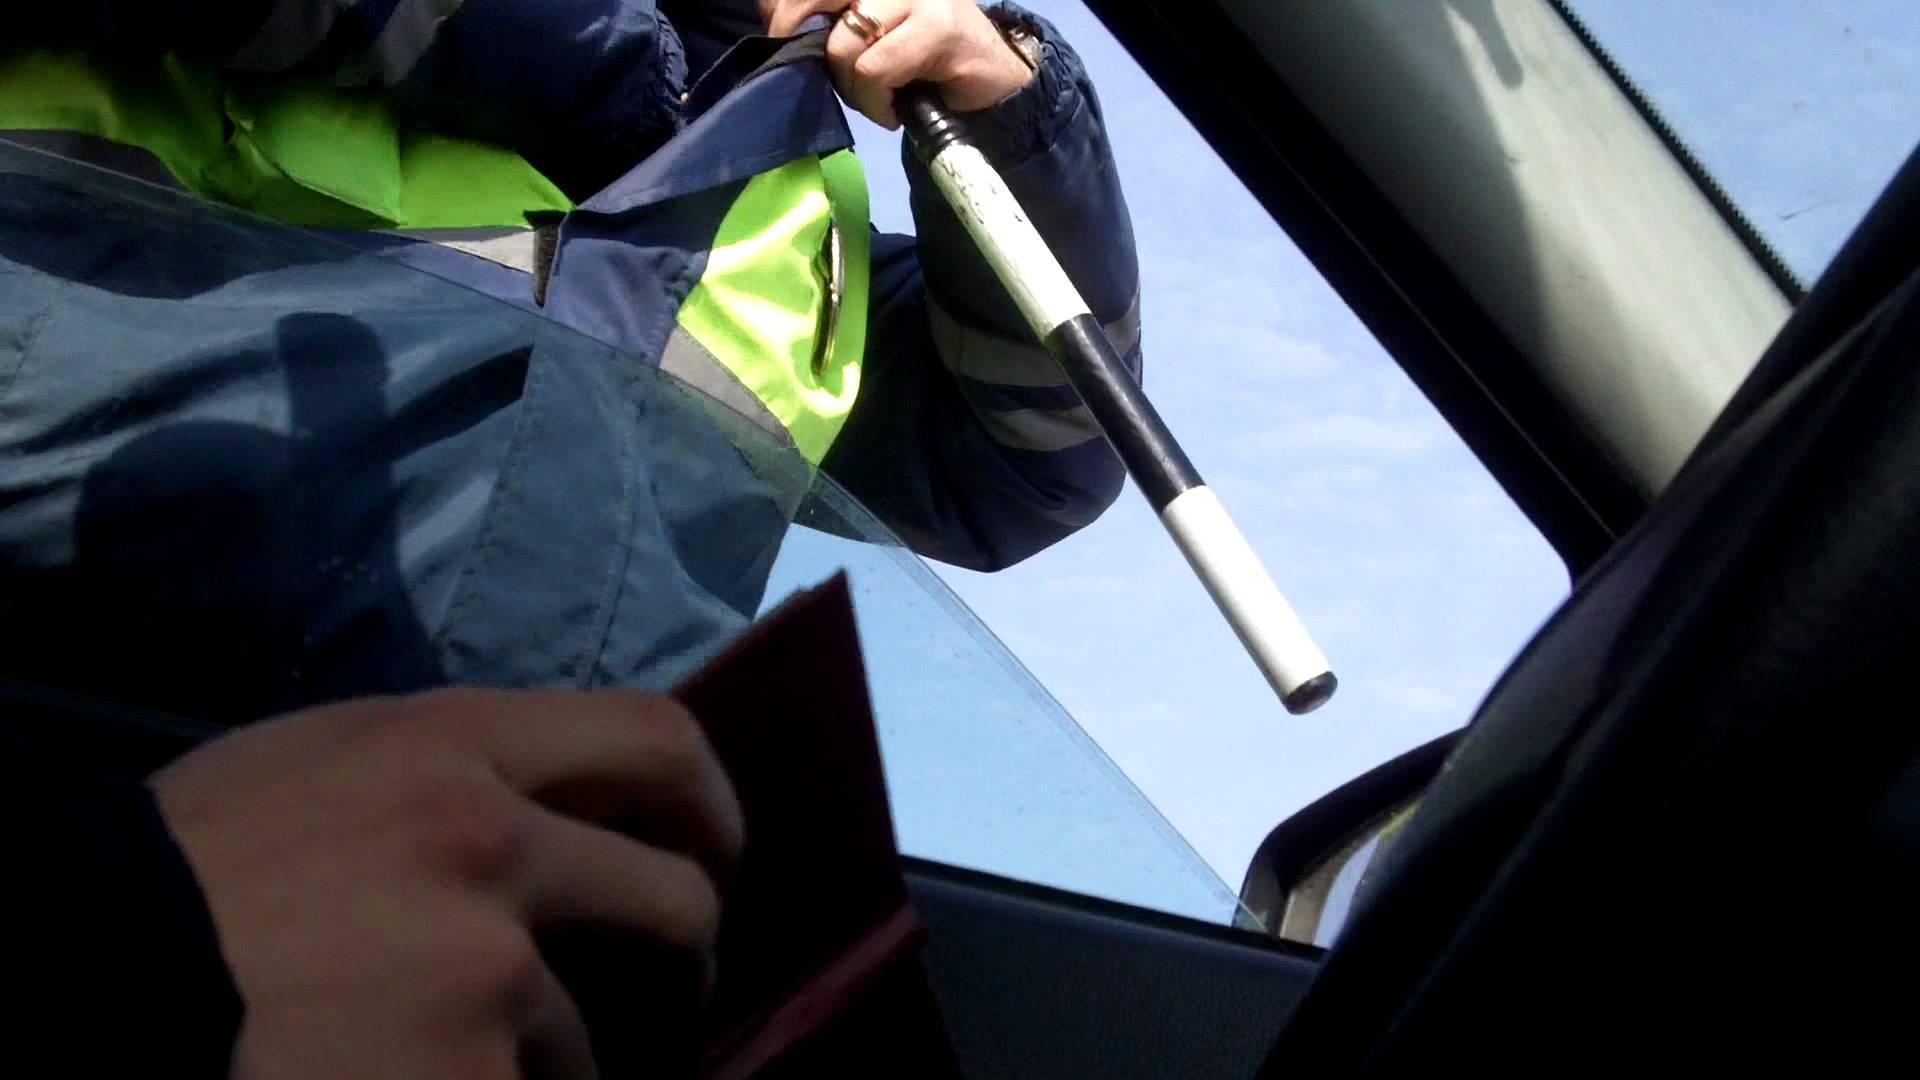 В Череповце задержали водителя без прав, который повторно сел пьяным за руль